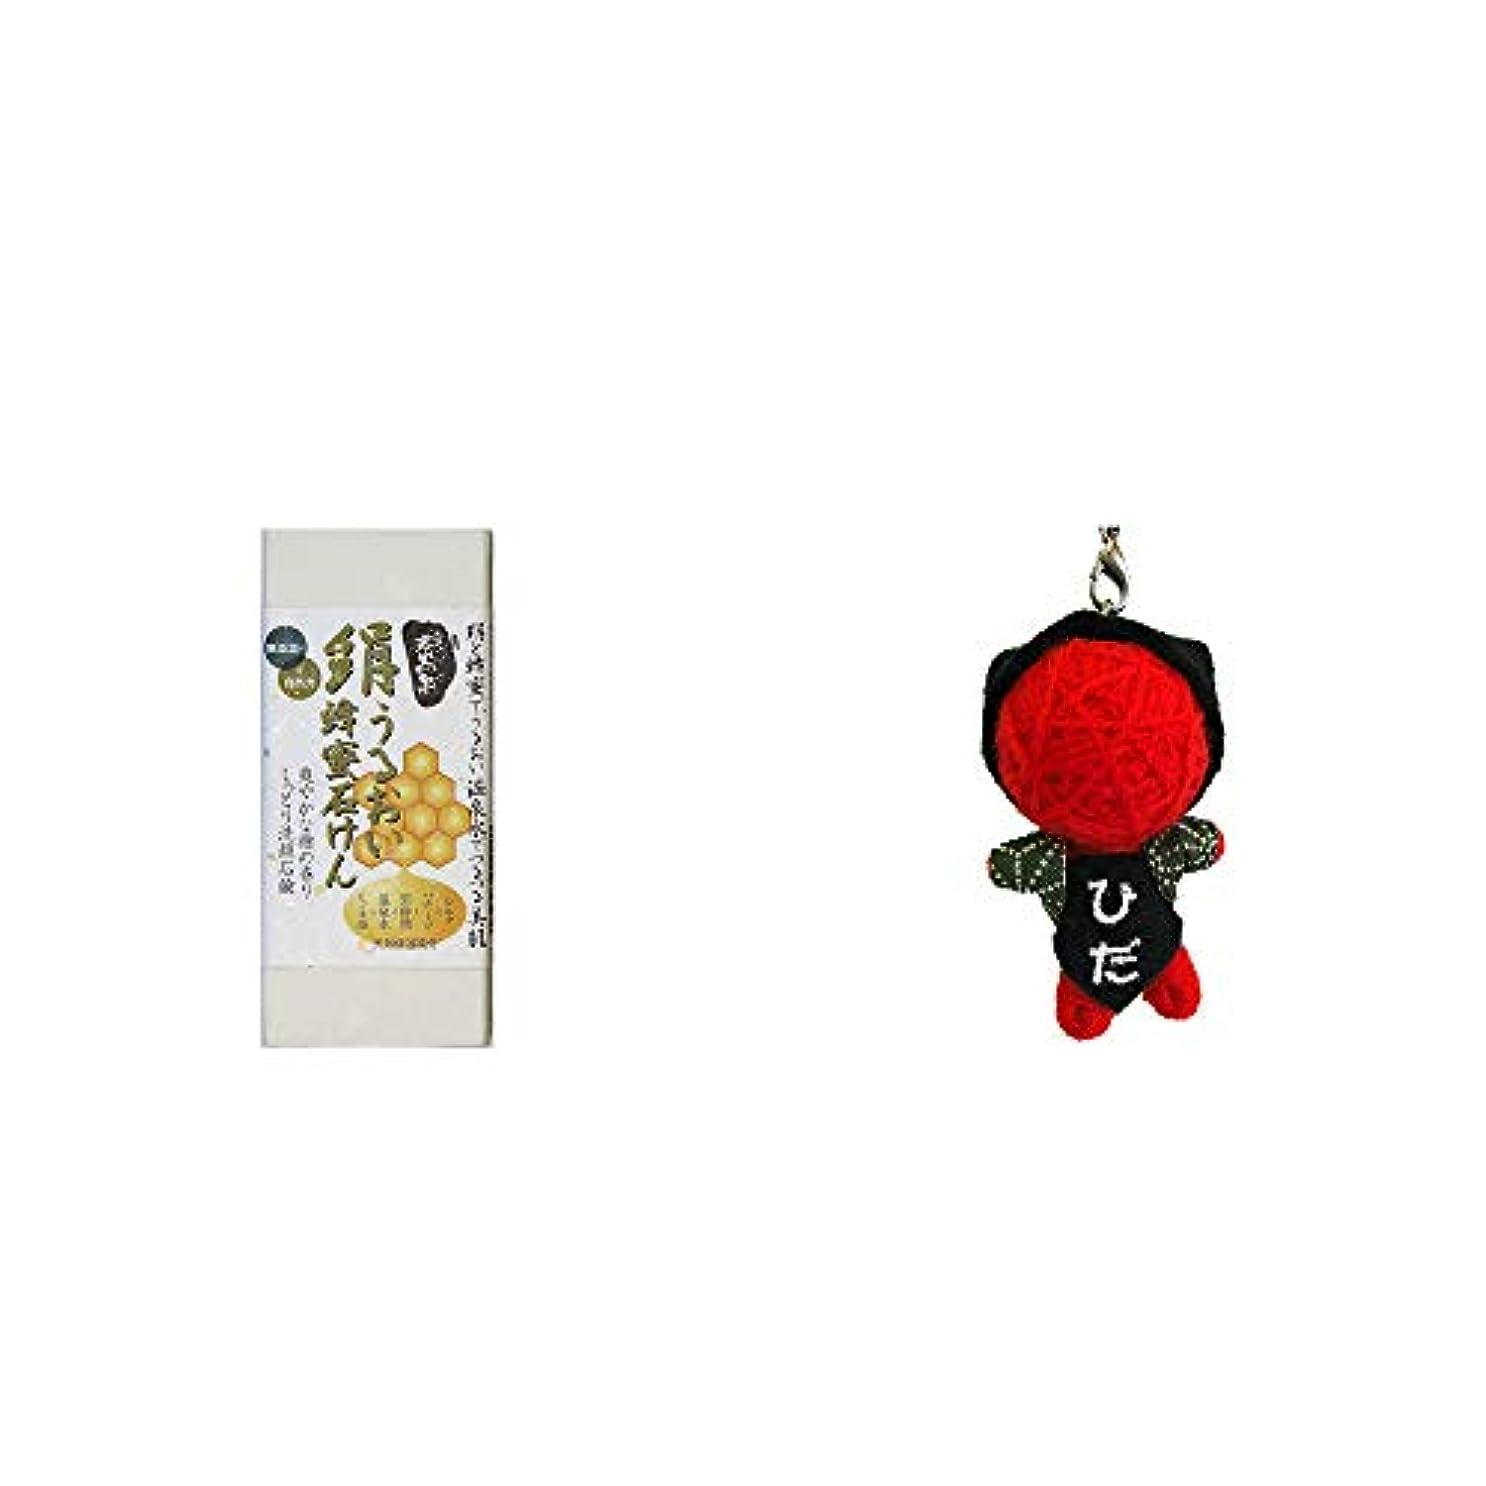 ブラシ裂け目栄光の[2点セット] ひのき炭黒泉 絹うるおい蜂蜜石けん(75g×2)?ハッピー さるぼぼドール ブドゥドール(ストラップ) / 魔除け?身代わり人形 //